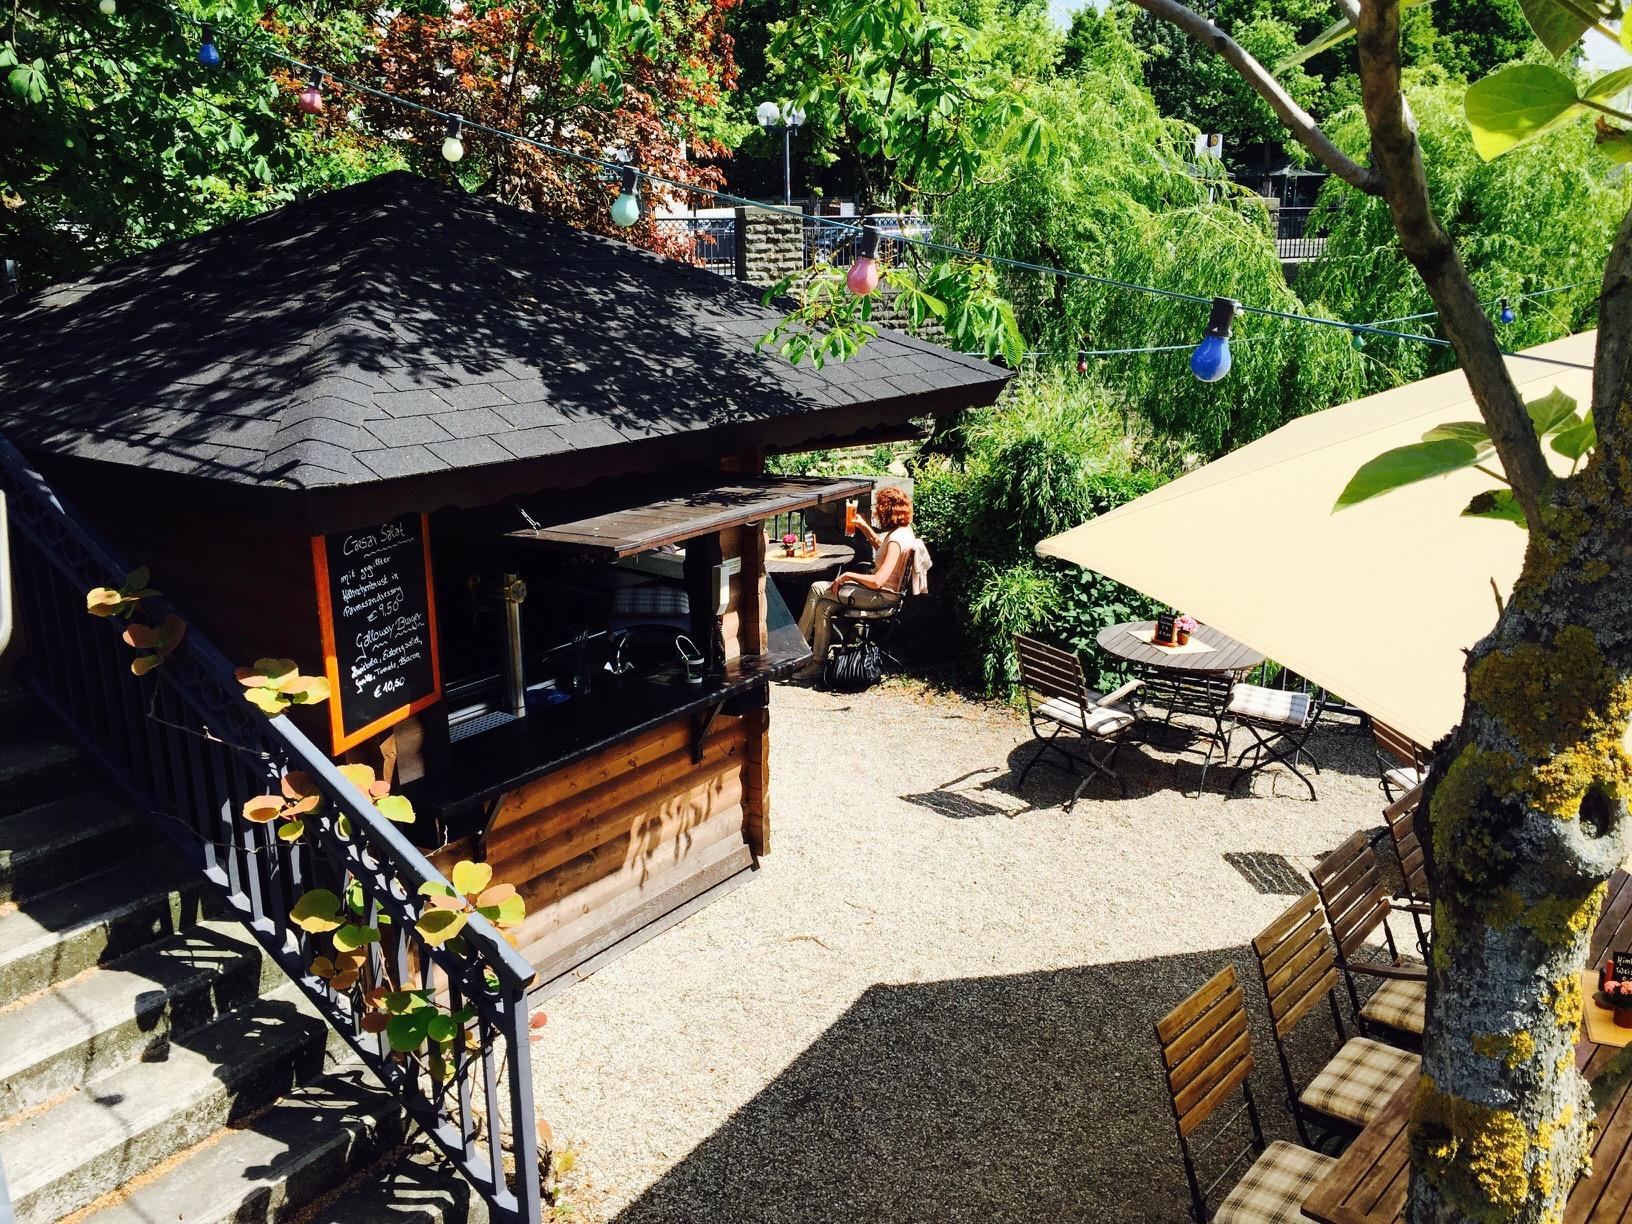 Blick auf Biergarten am Quality Hotel in Lippstadt bei Bad Waldliesborn